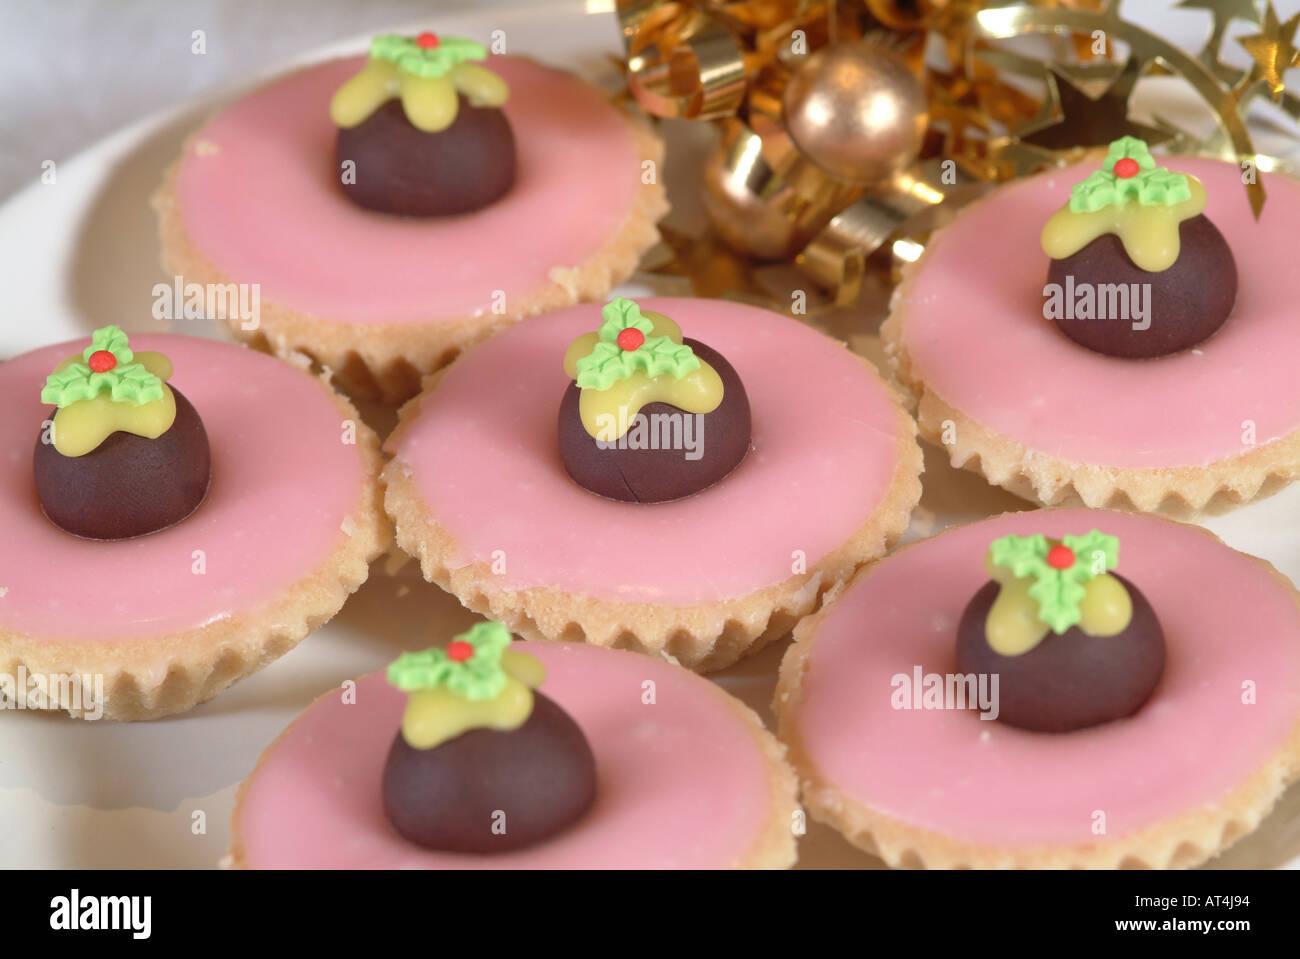 Torte Decorate Per Natale torta decorata con cioccolato pudding natalizio e rosa